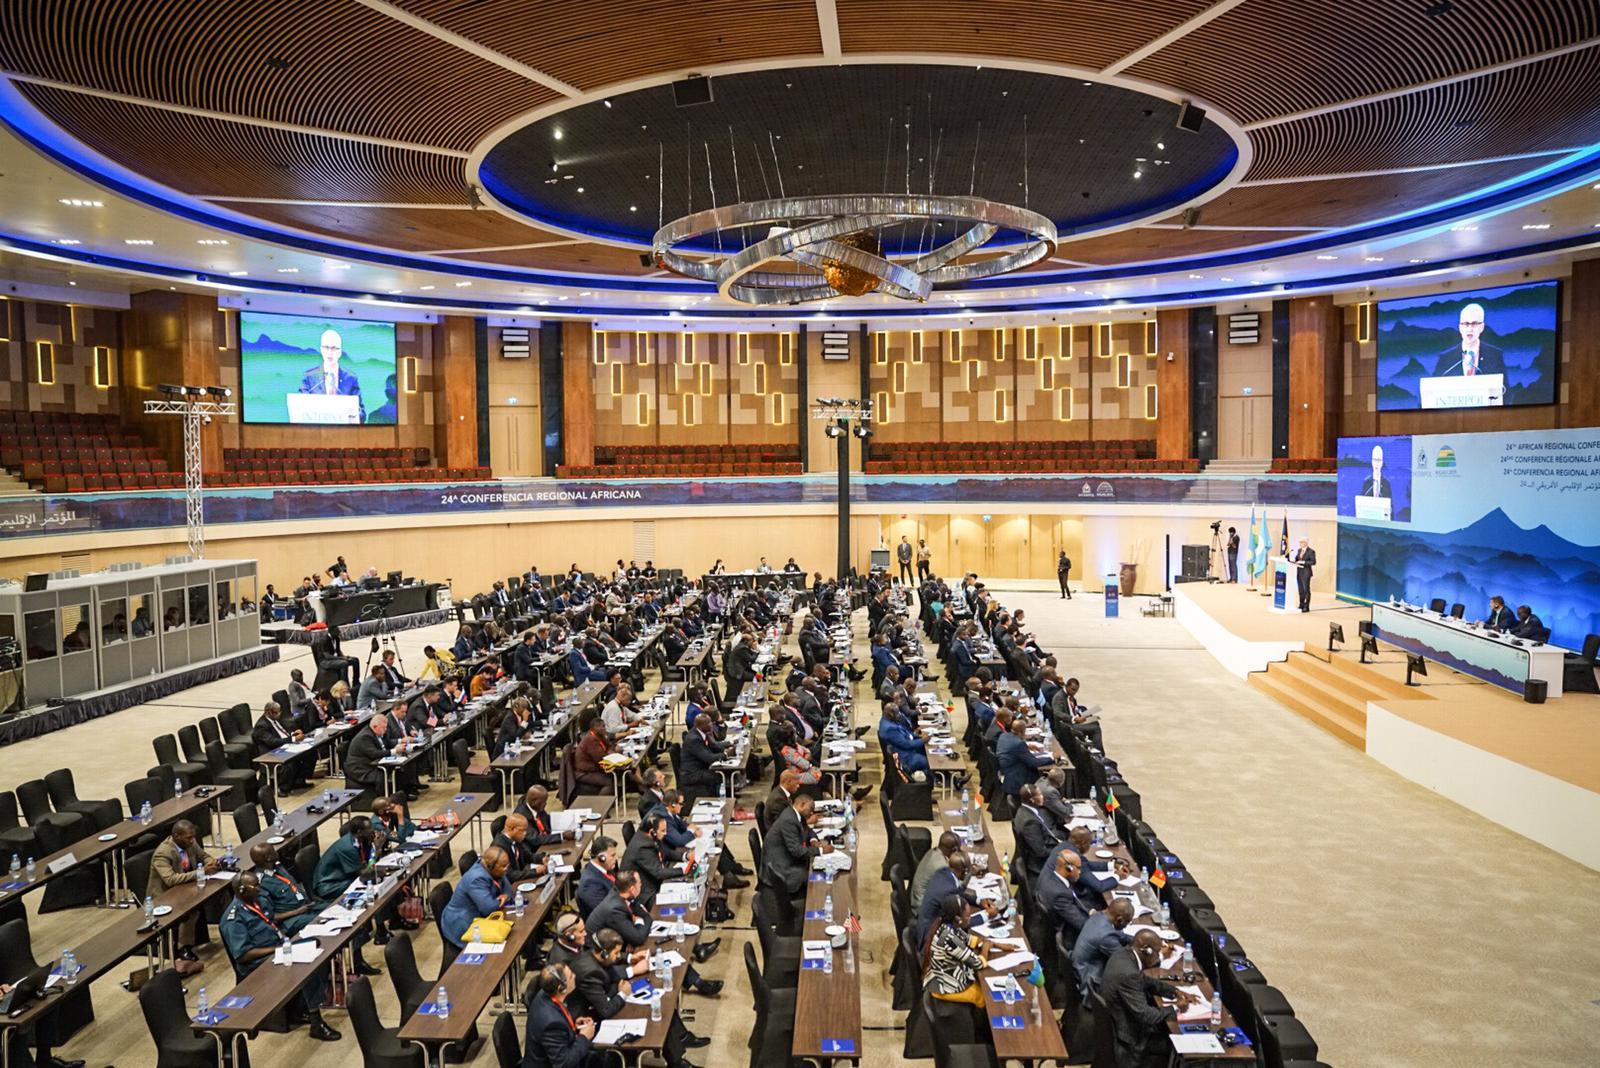 Près de 160 chefs de police et autres hauts responsables de services chargés de l'application de la loi de 42 pays assistent à la Conférence régionale africaine d'INTERPOL à Kigali.